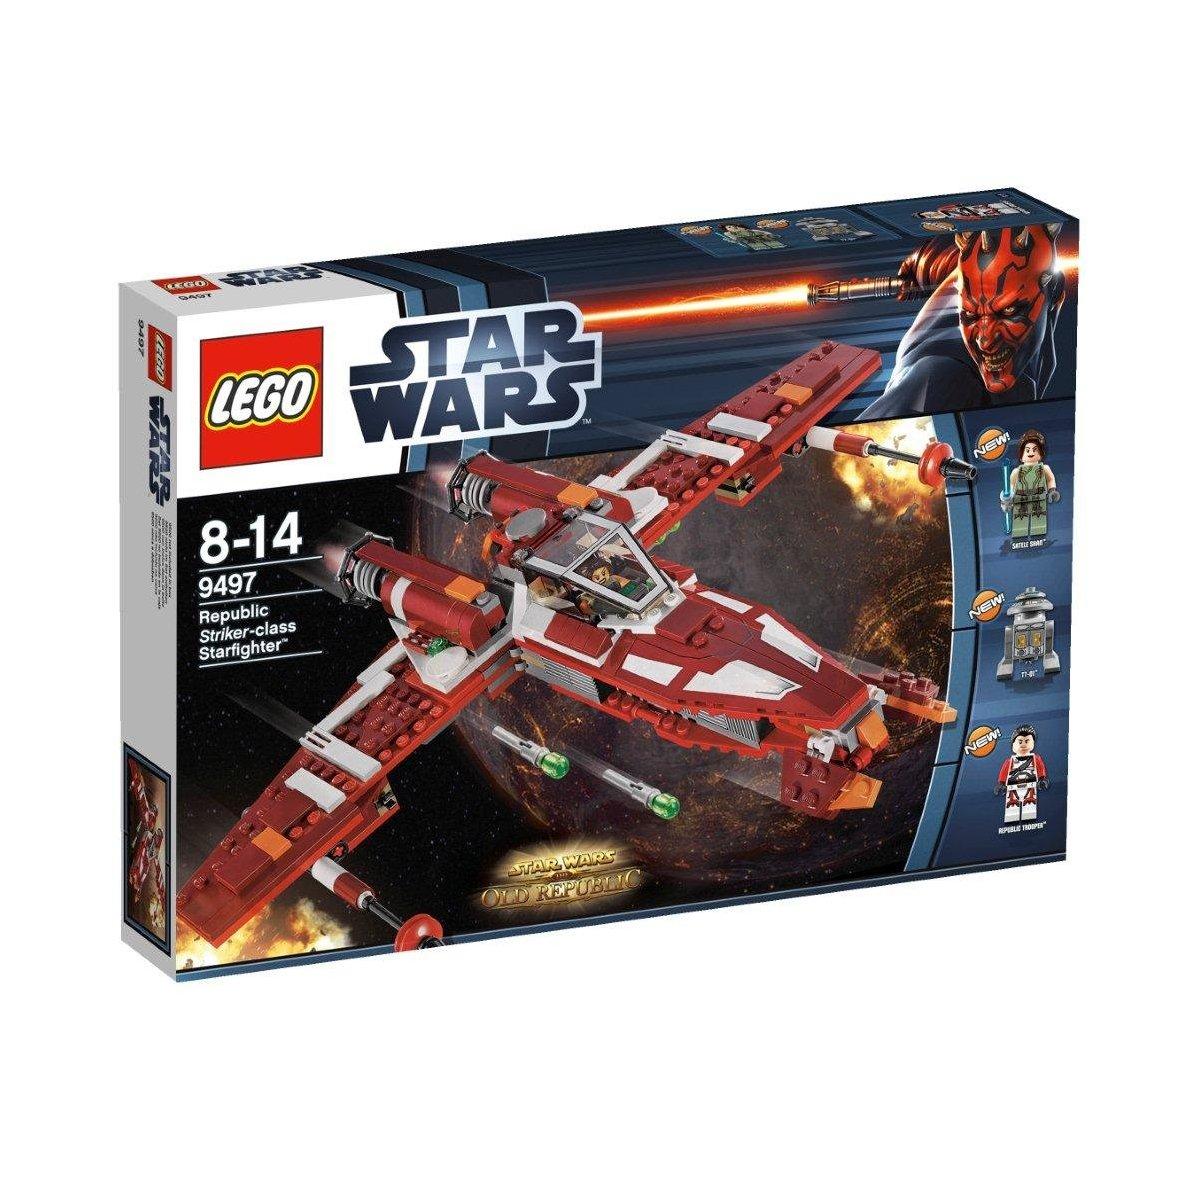 LEGO Star Wars Истребитель атакующего класса Республики (9497)